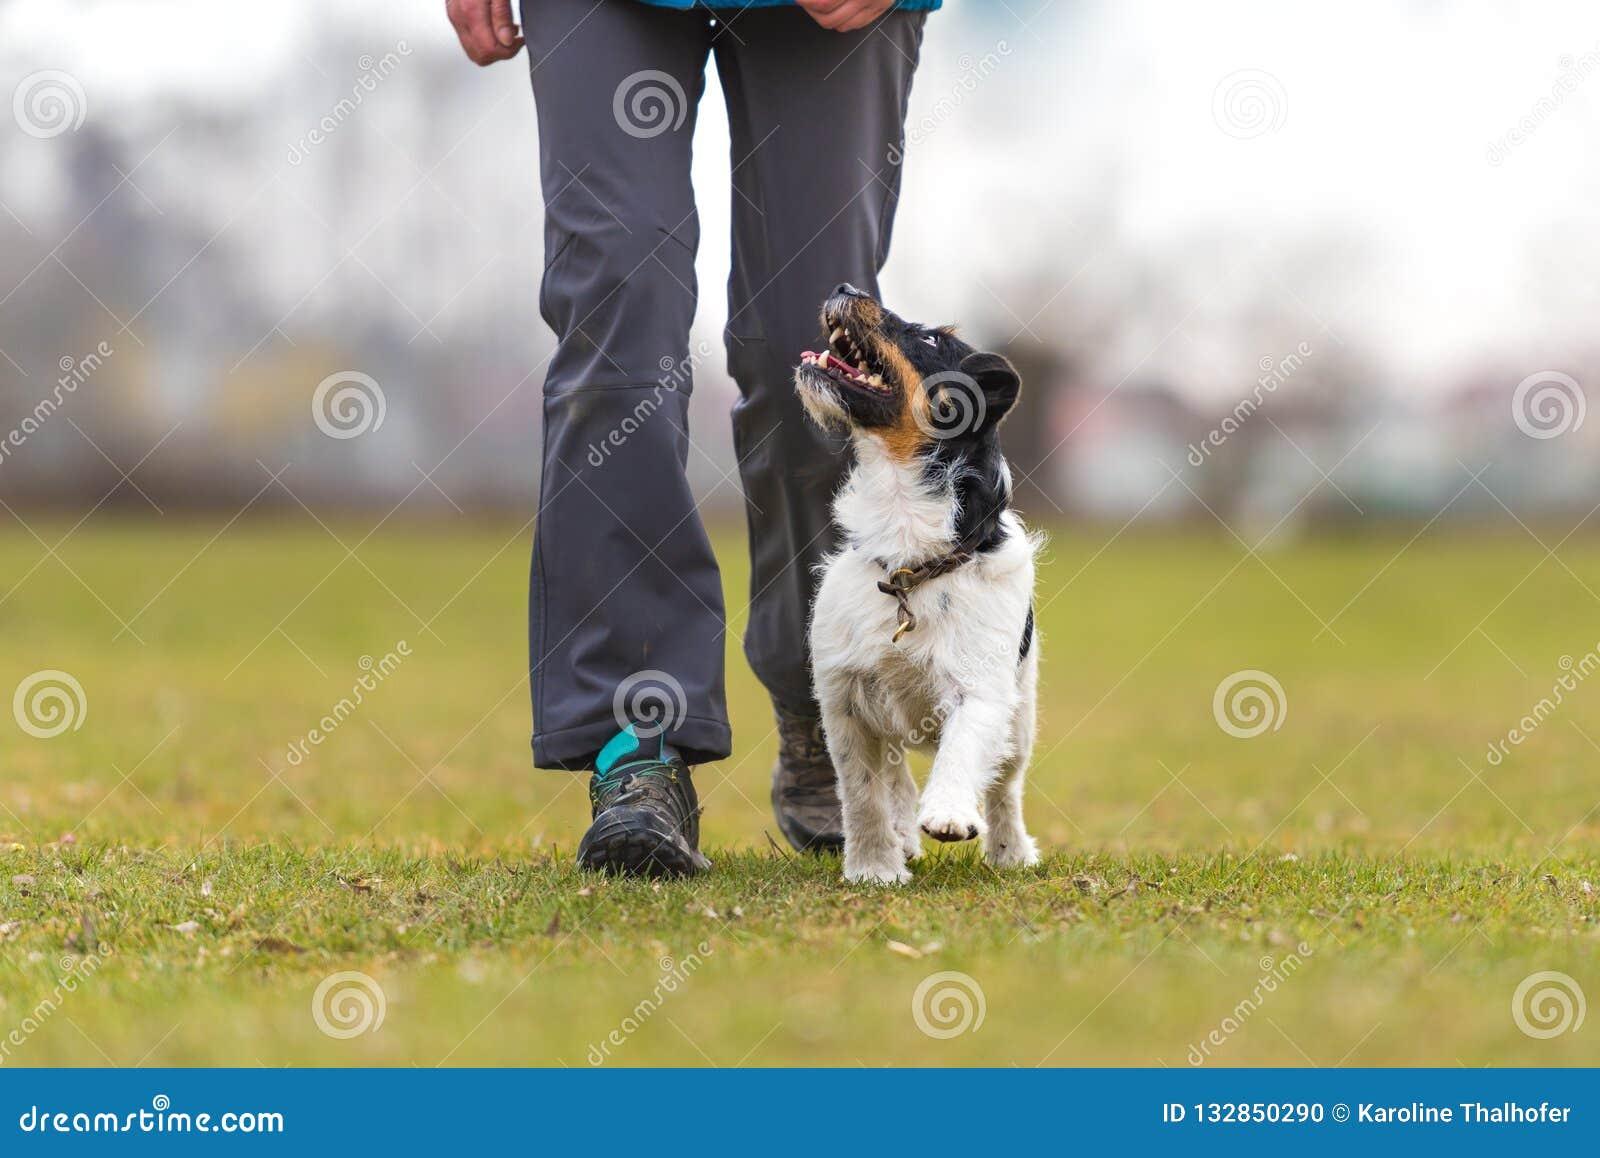 Τέλειο heelwork με ένα υπάκουο σκυλί τεριέ του Jack Russell αθλητισμός